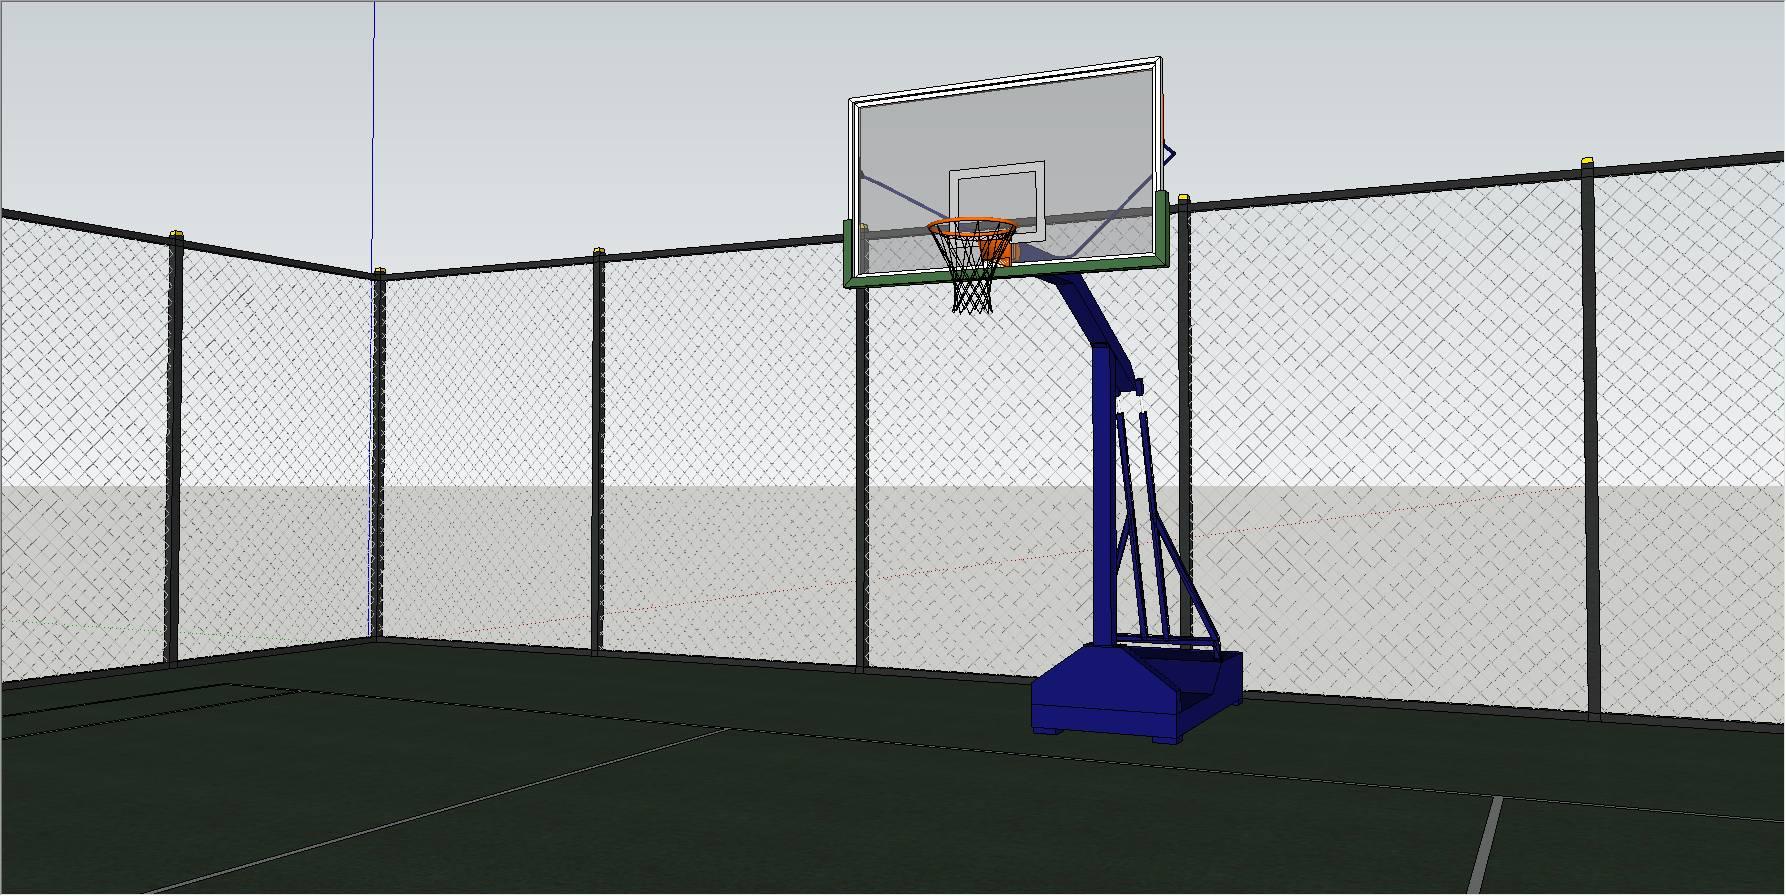 篮球场_精细模型